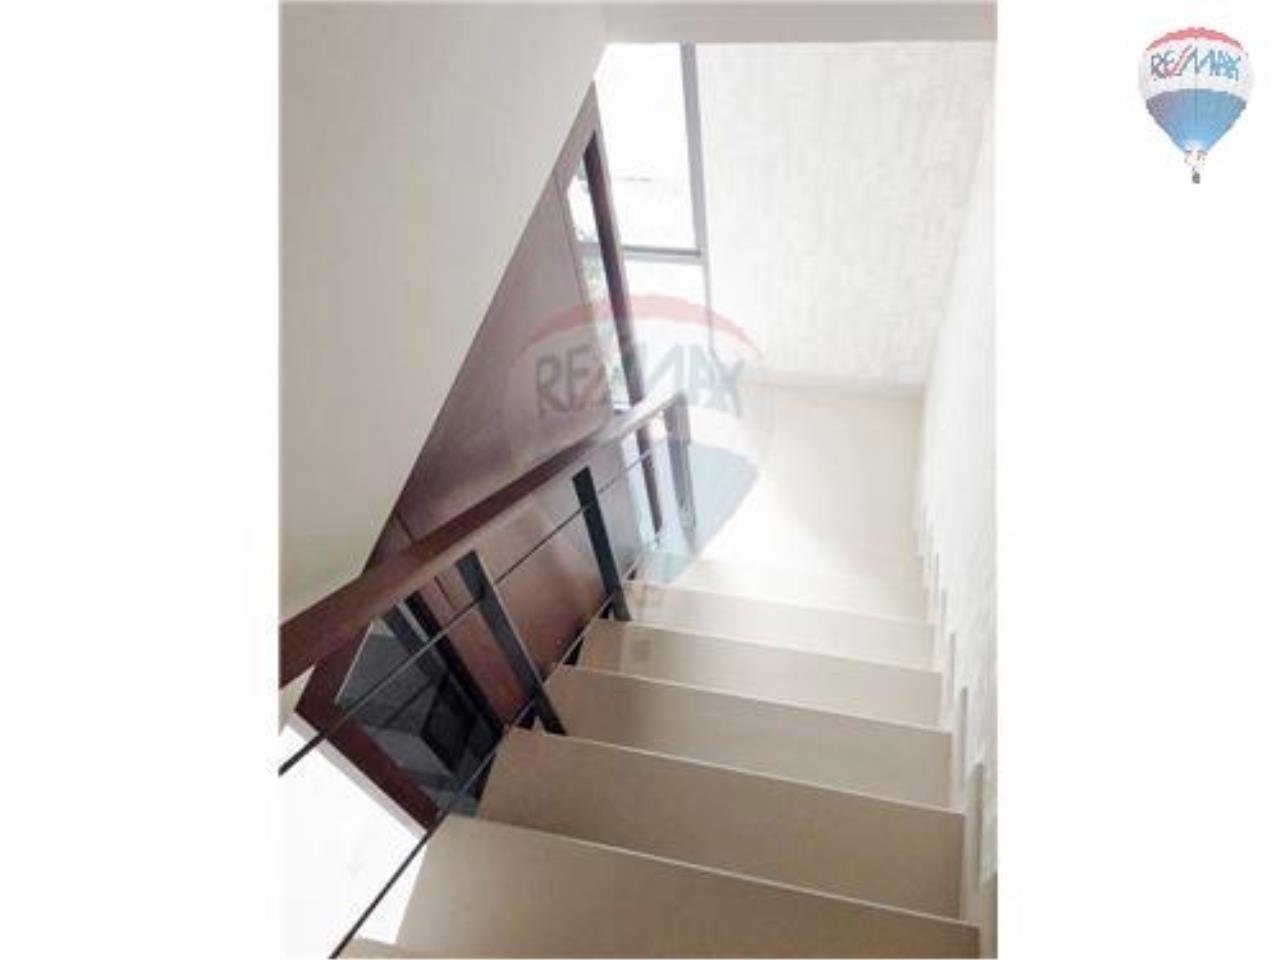 RE/MAX Properties Agency's Condominium for rent 43 Sq.M. at Ideo Mobi Sukhumvit 4